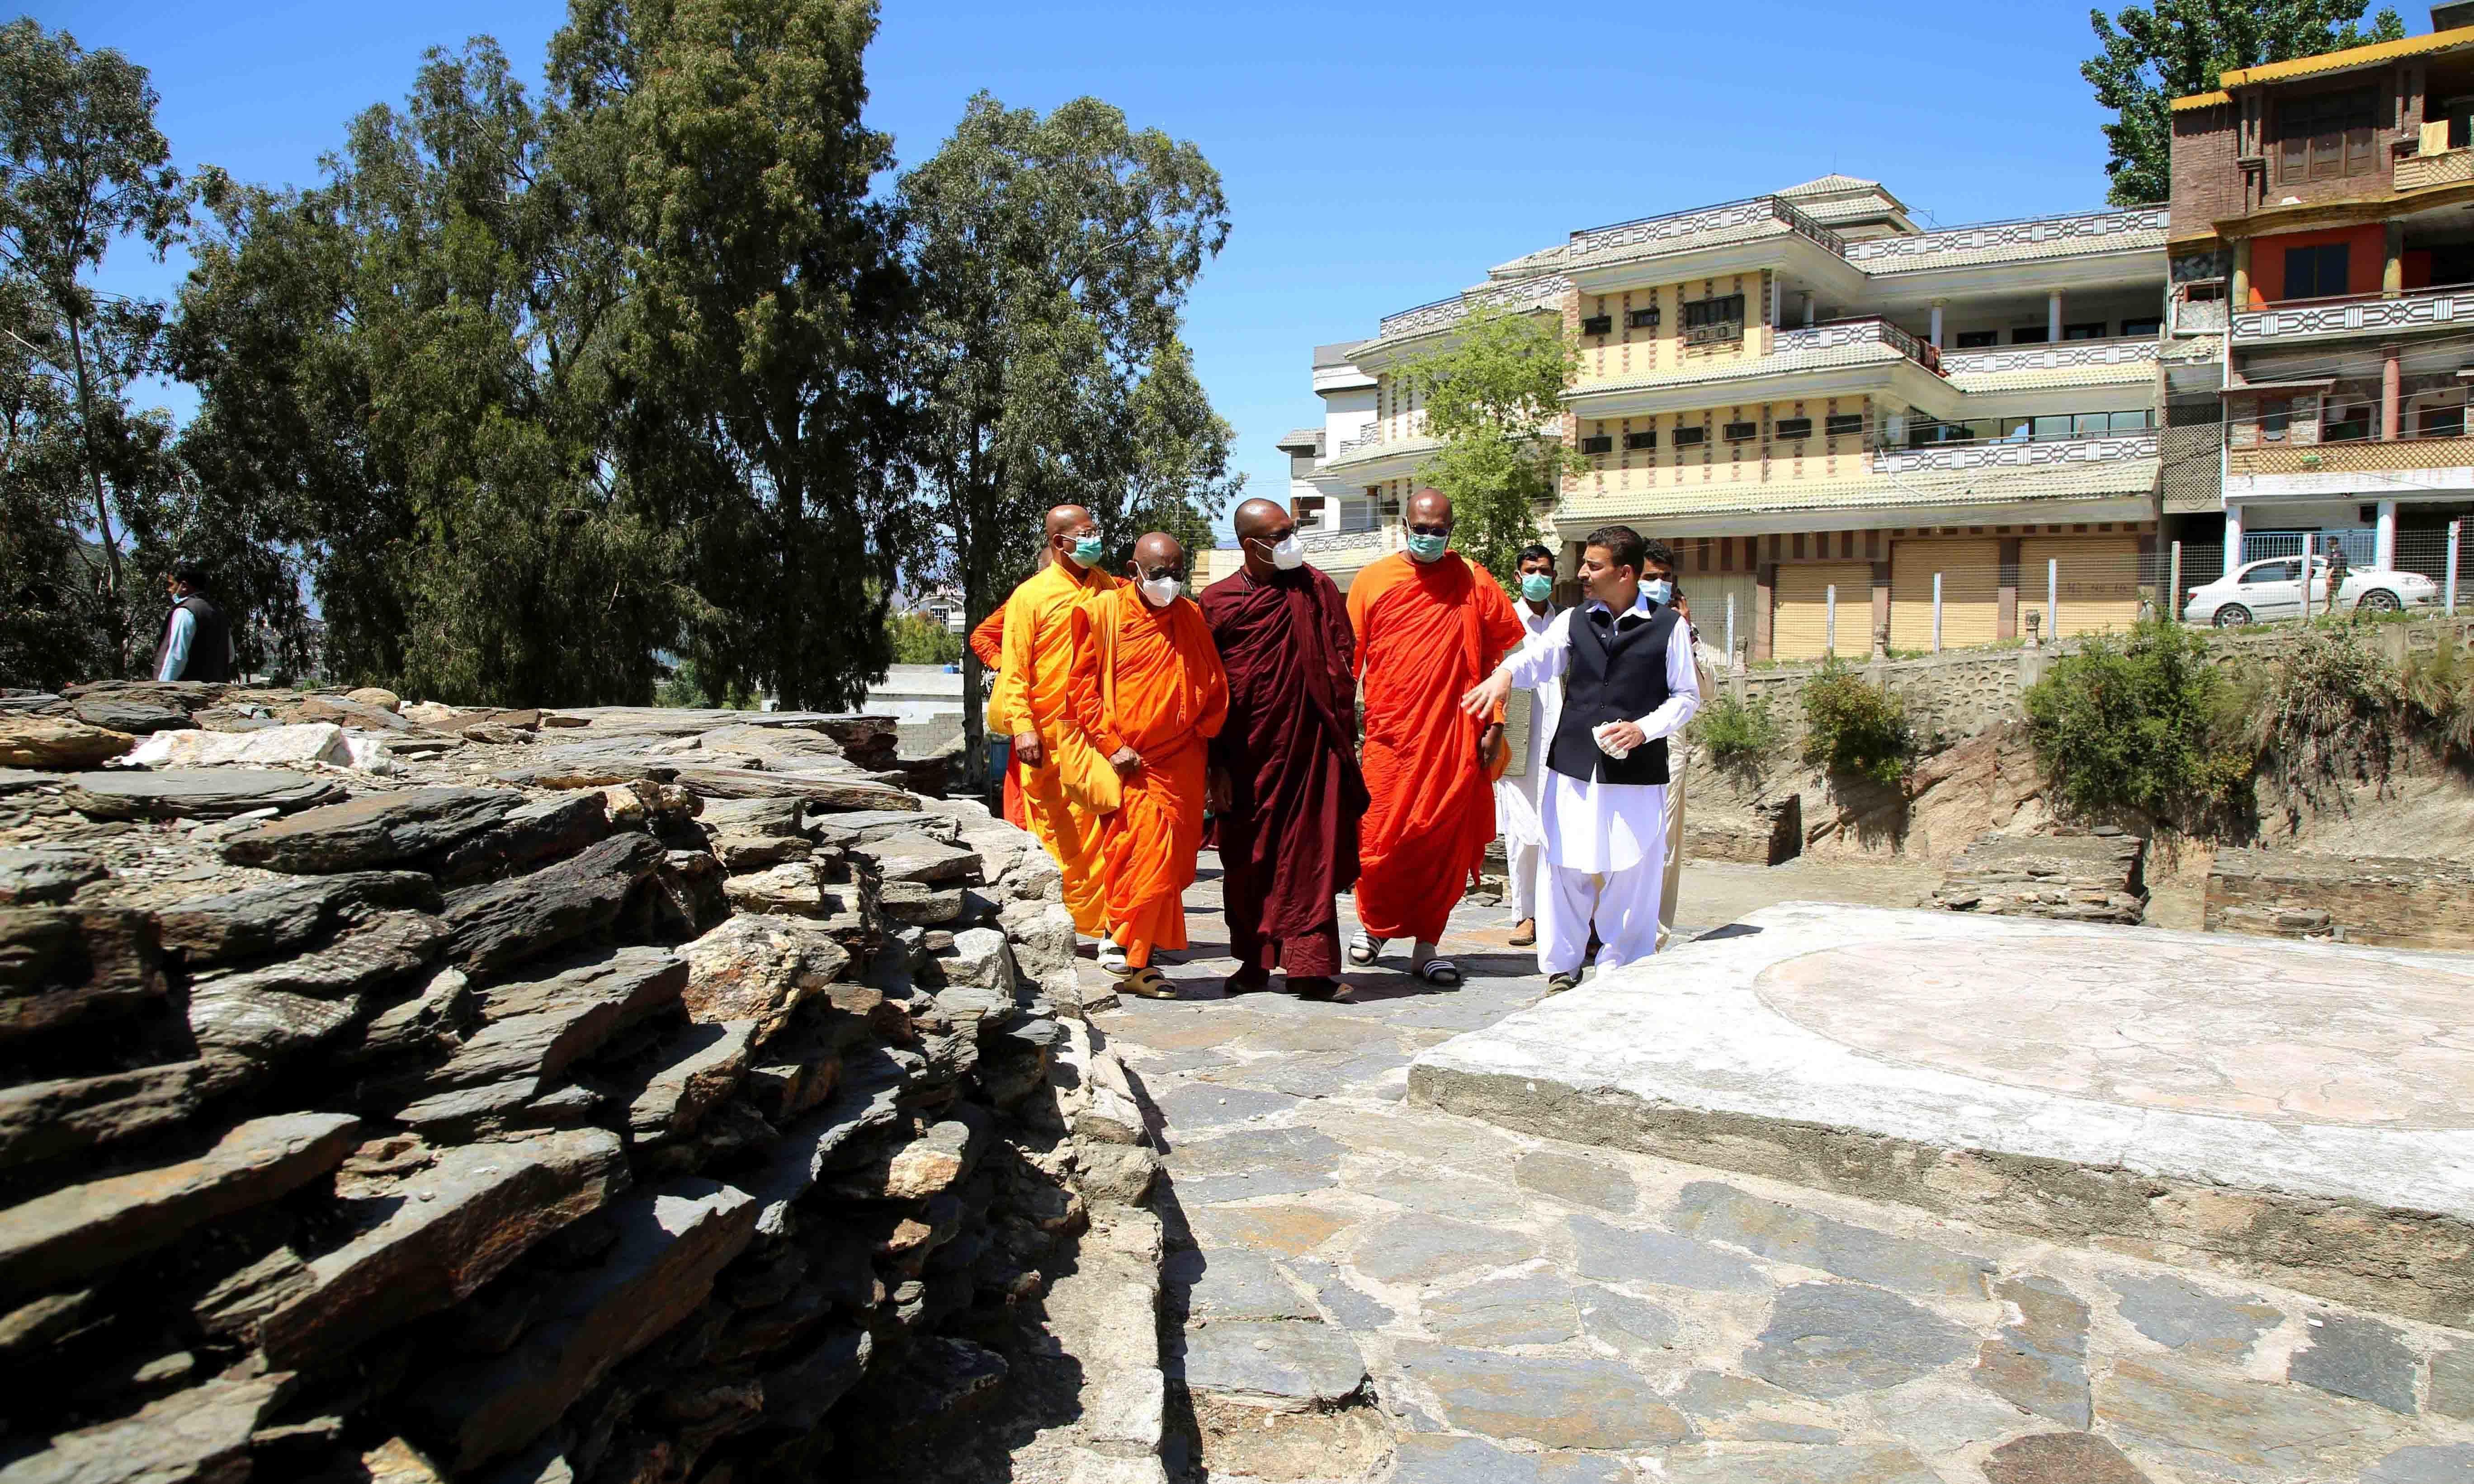 مقاماتِ آثارِ قدیمہ کے انچارج سوات، راہبوں کو خانقاہ کے بارے میں تفصیلات بتا رہے ہیں—تصویر امجد علی سحاب